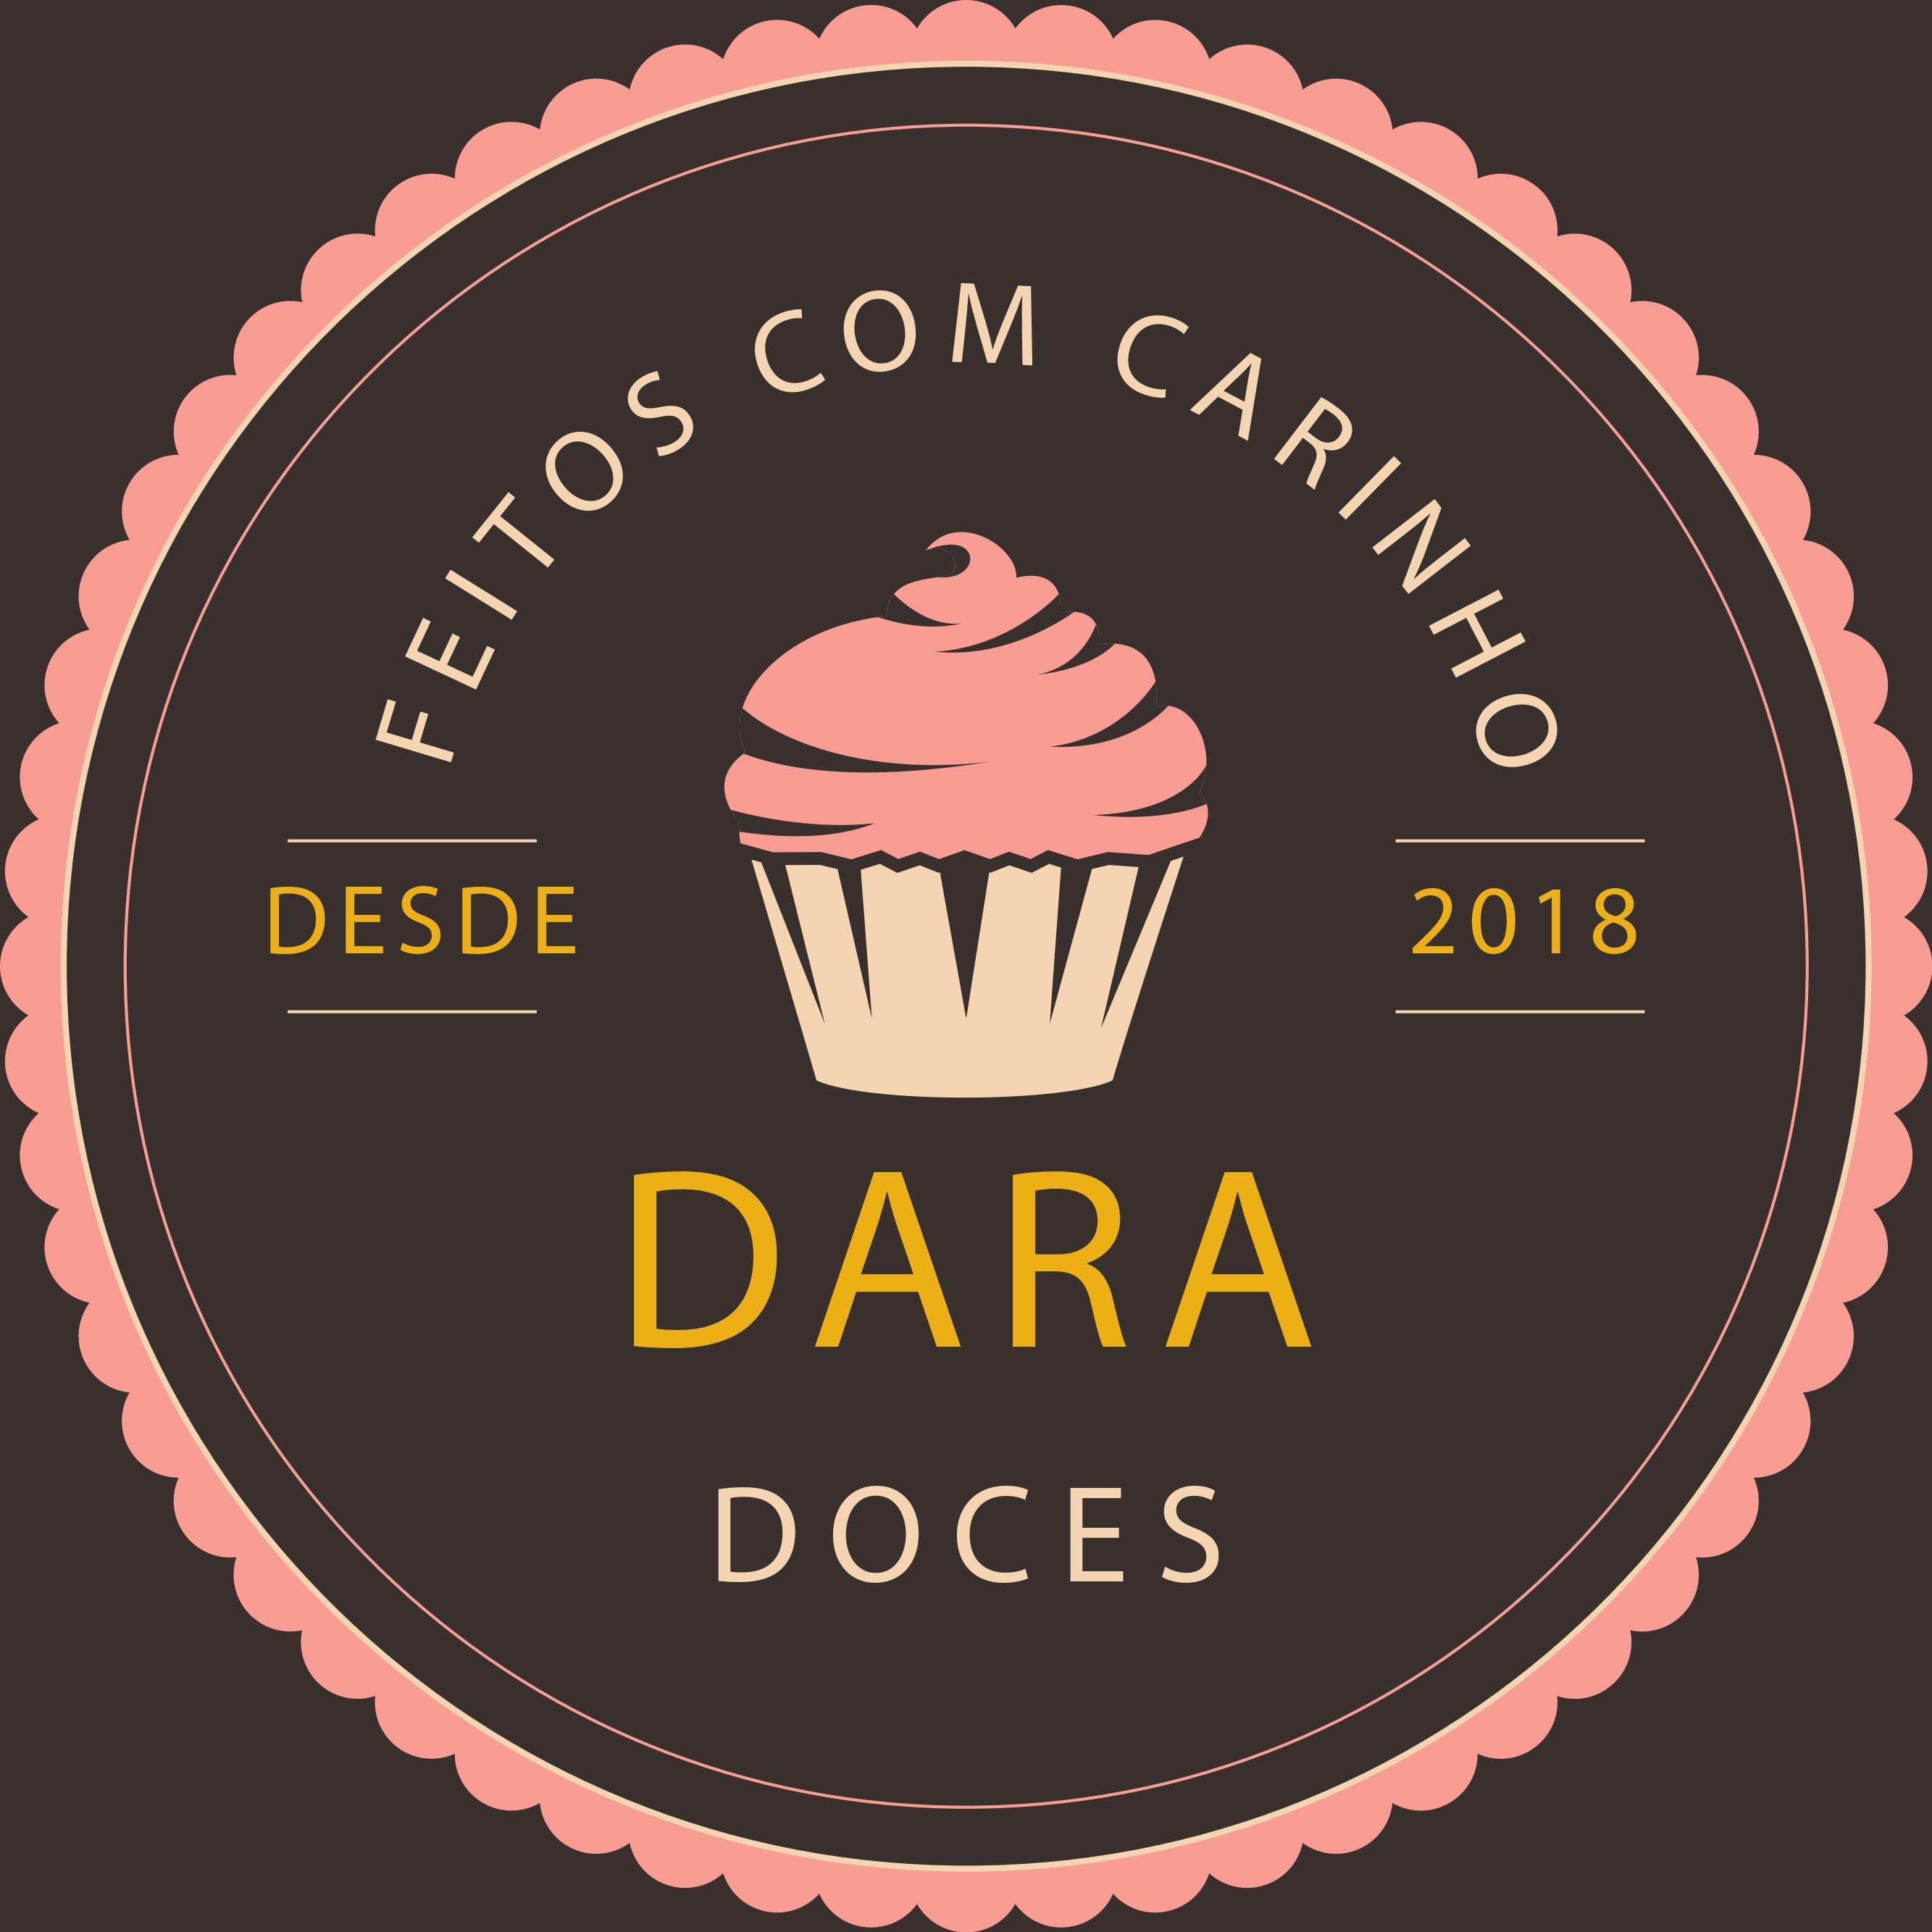 Dara Doces